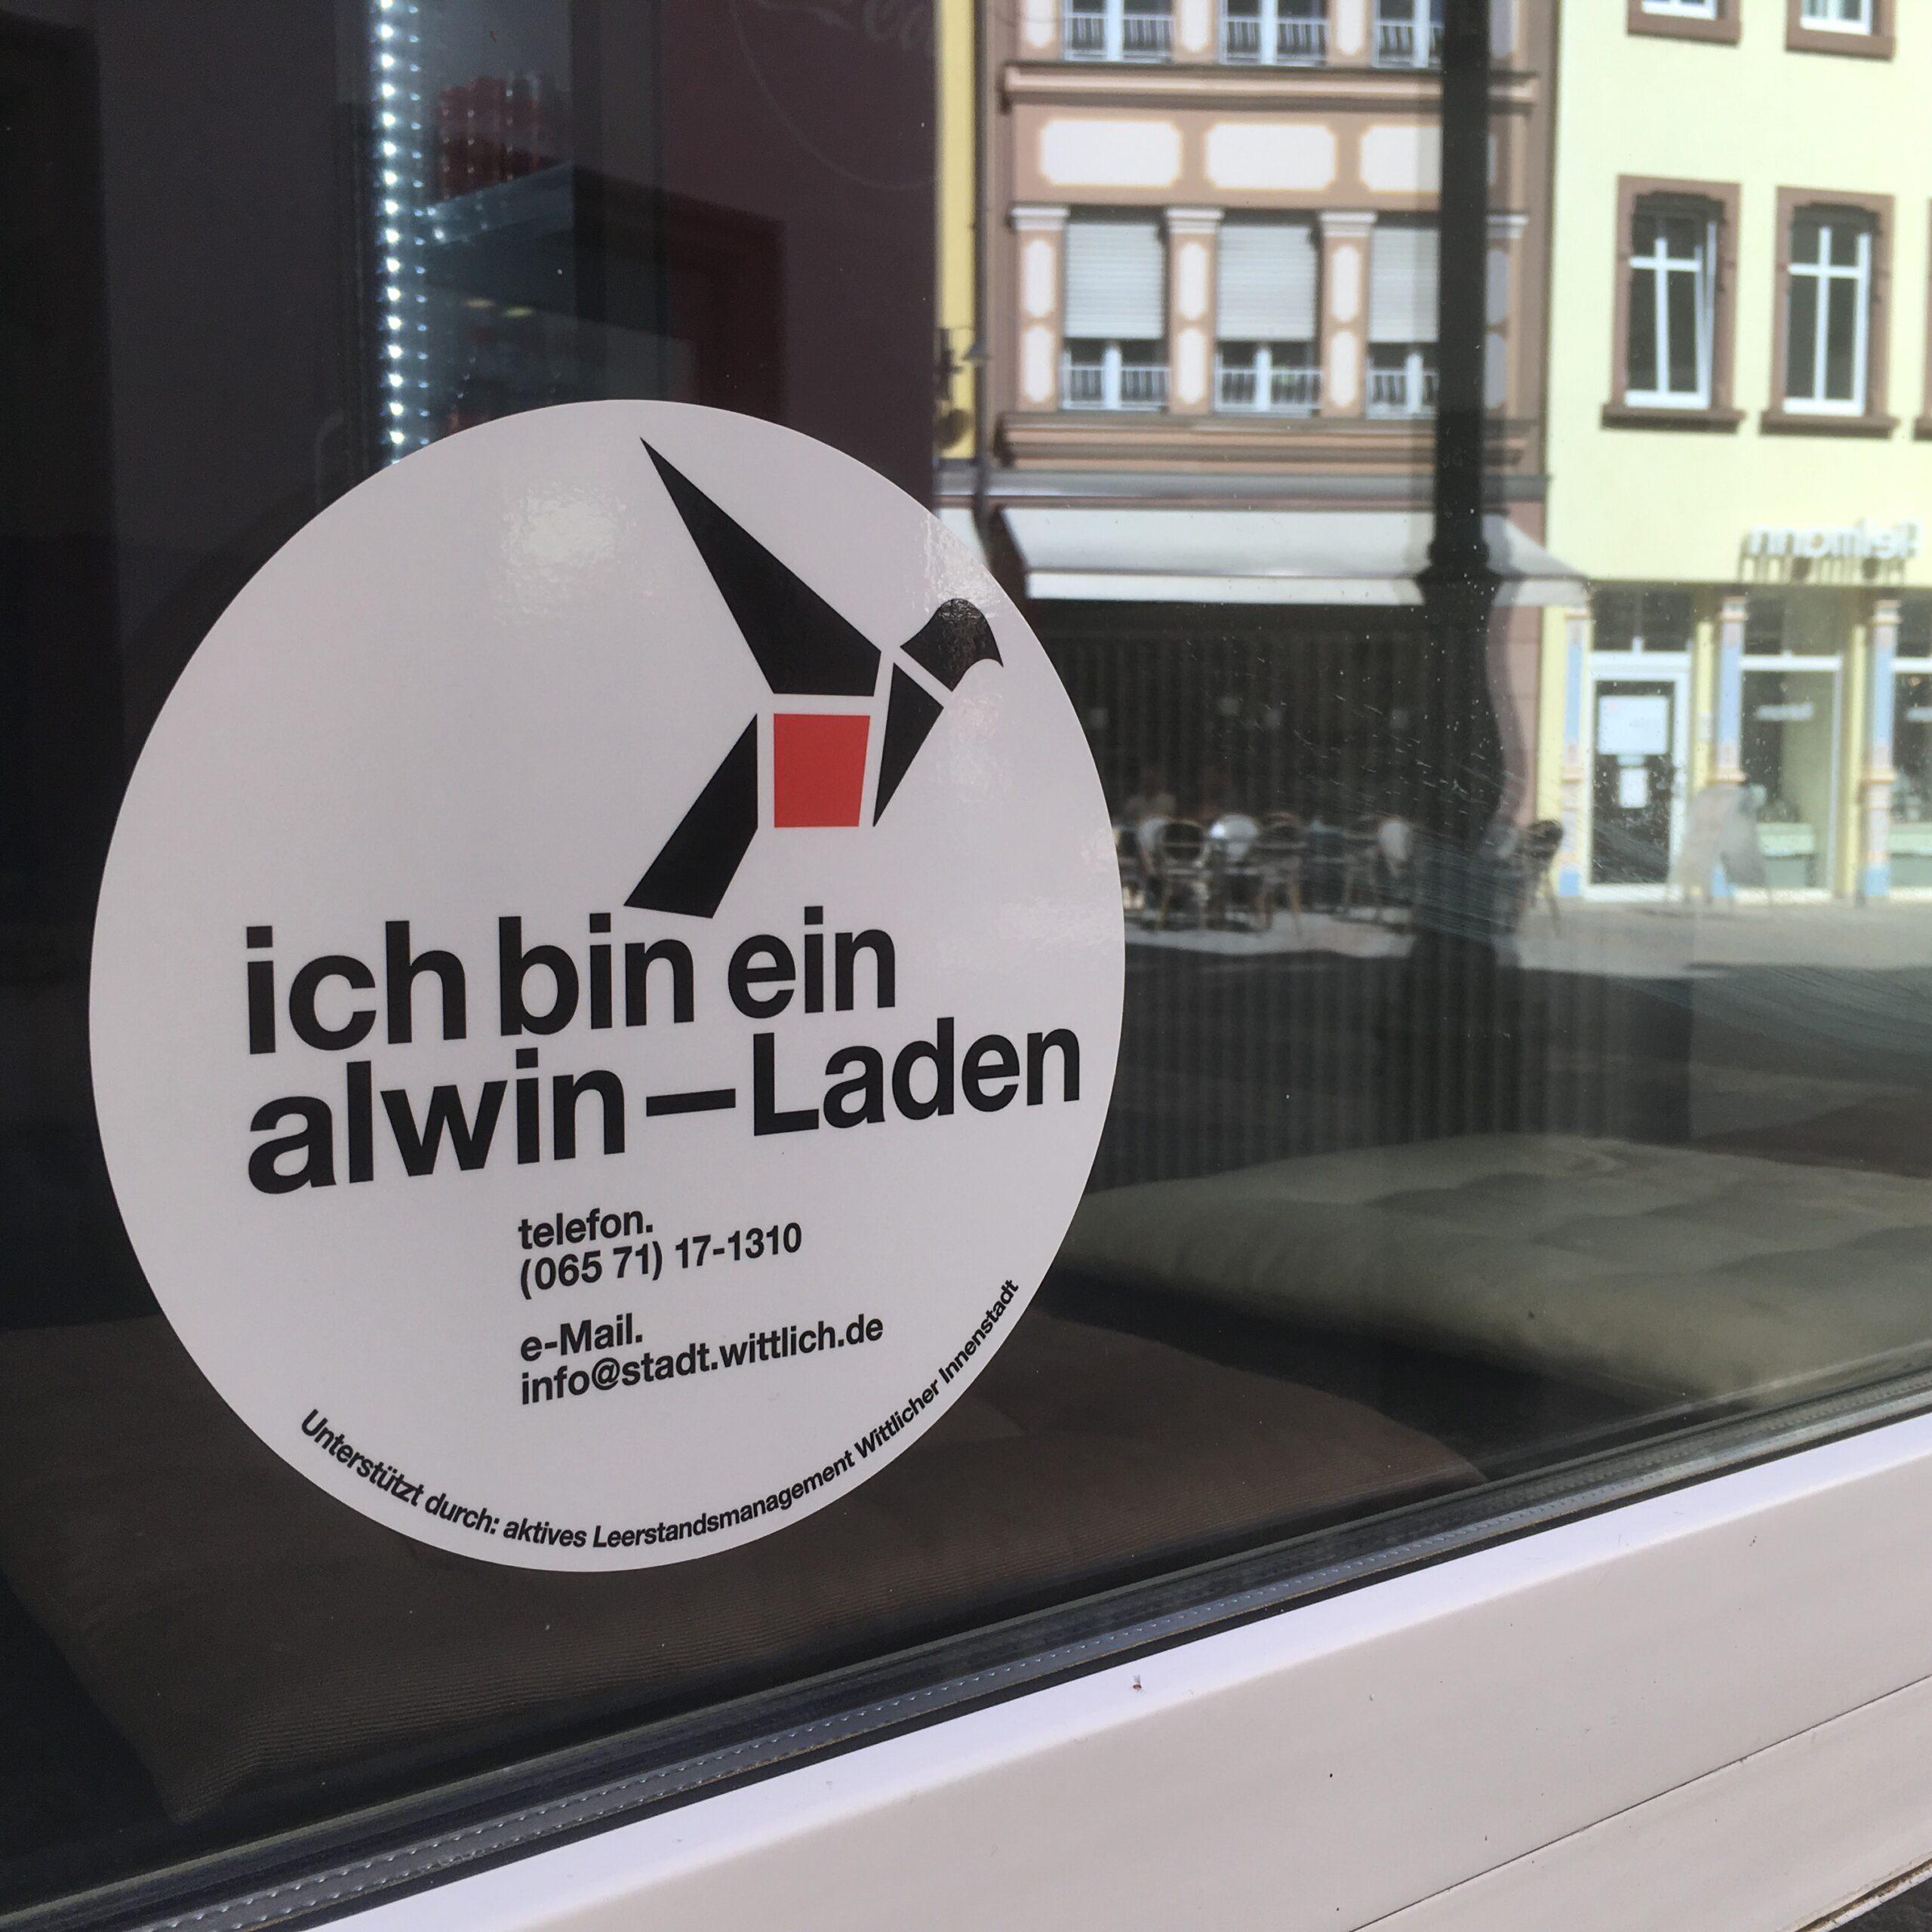 Wittlich_Sticker_gio_nah_Verena Kartz_Stadt Wittlich_2018